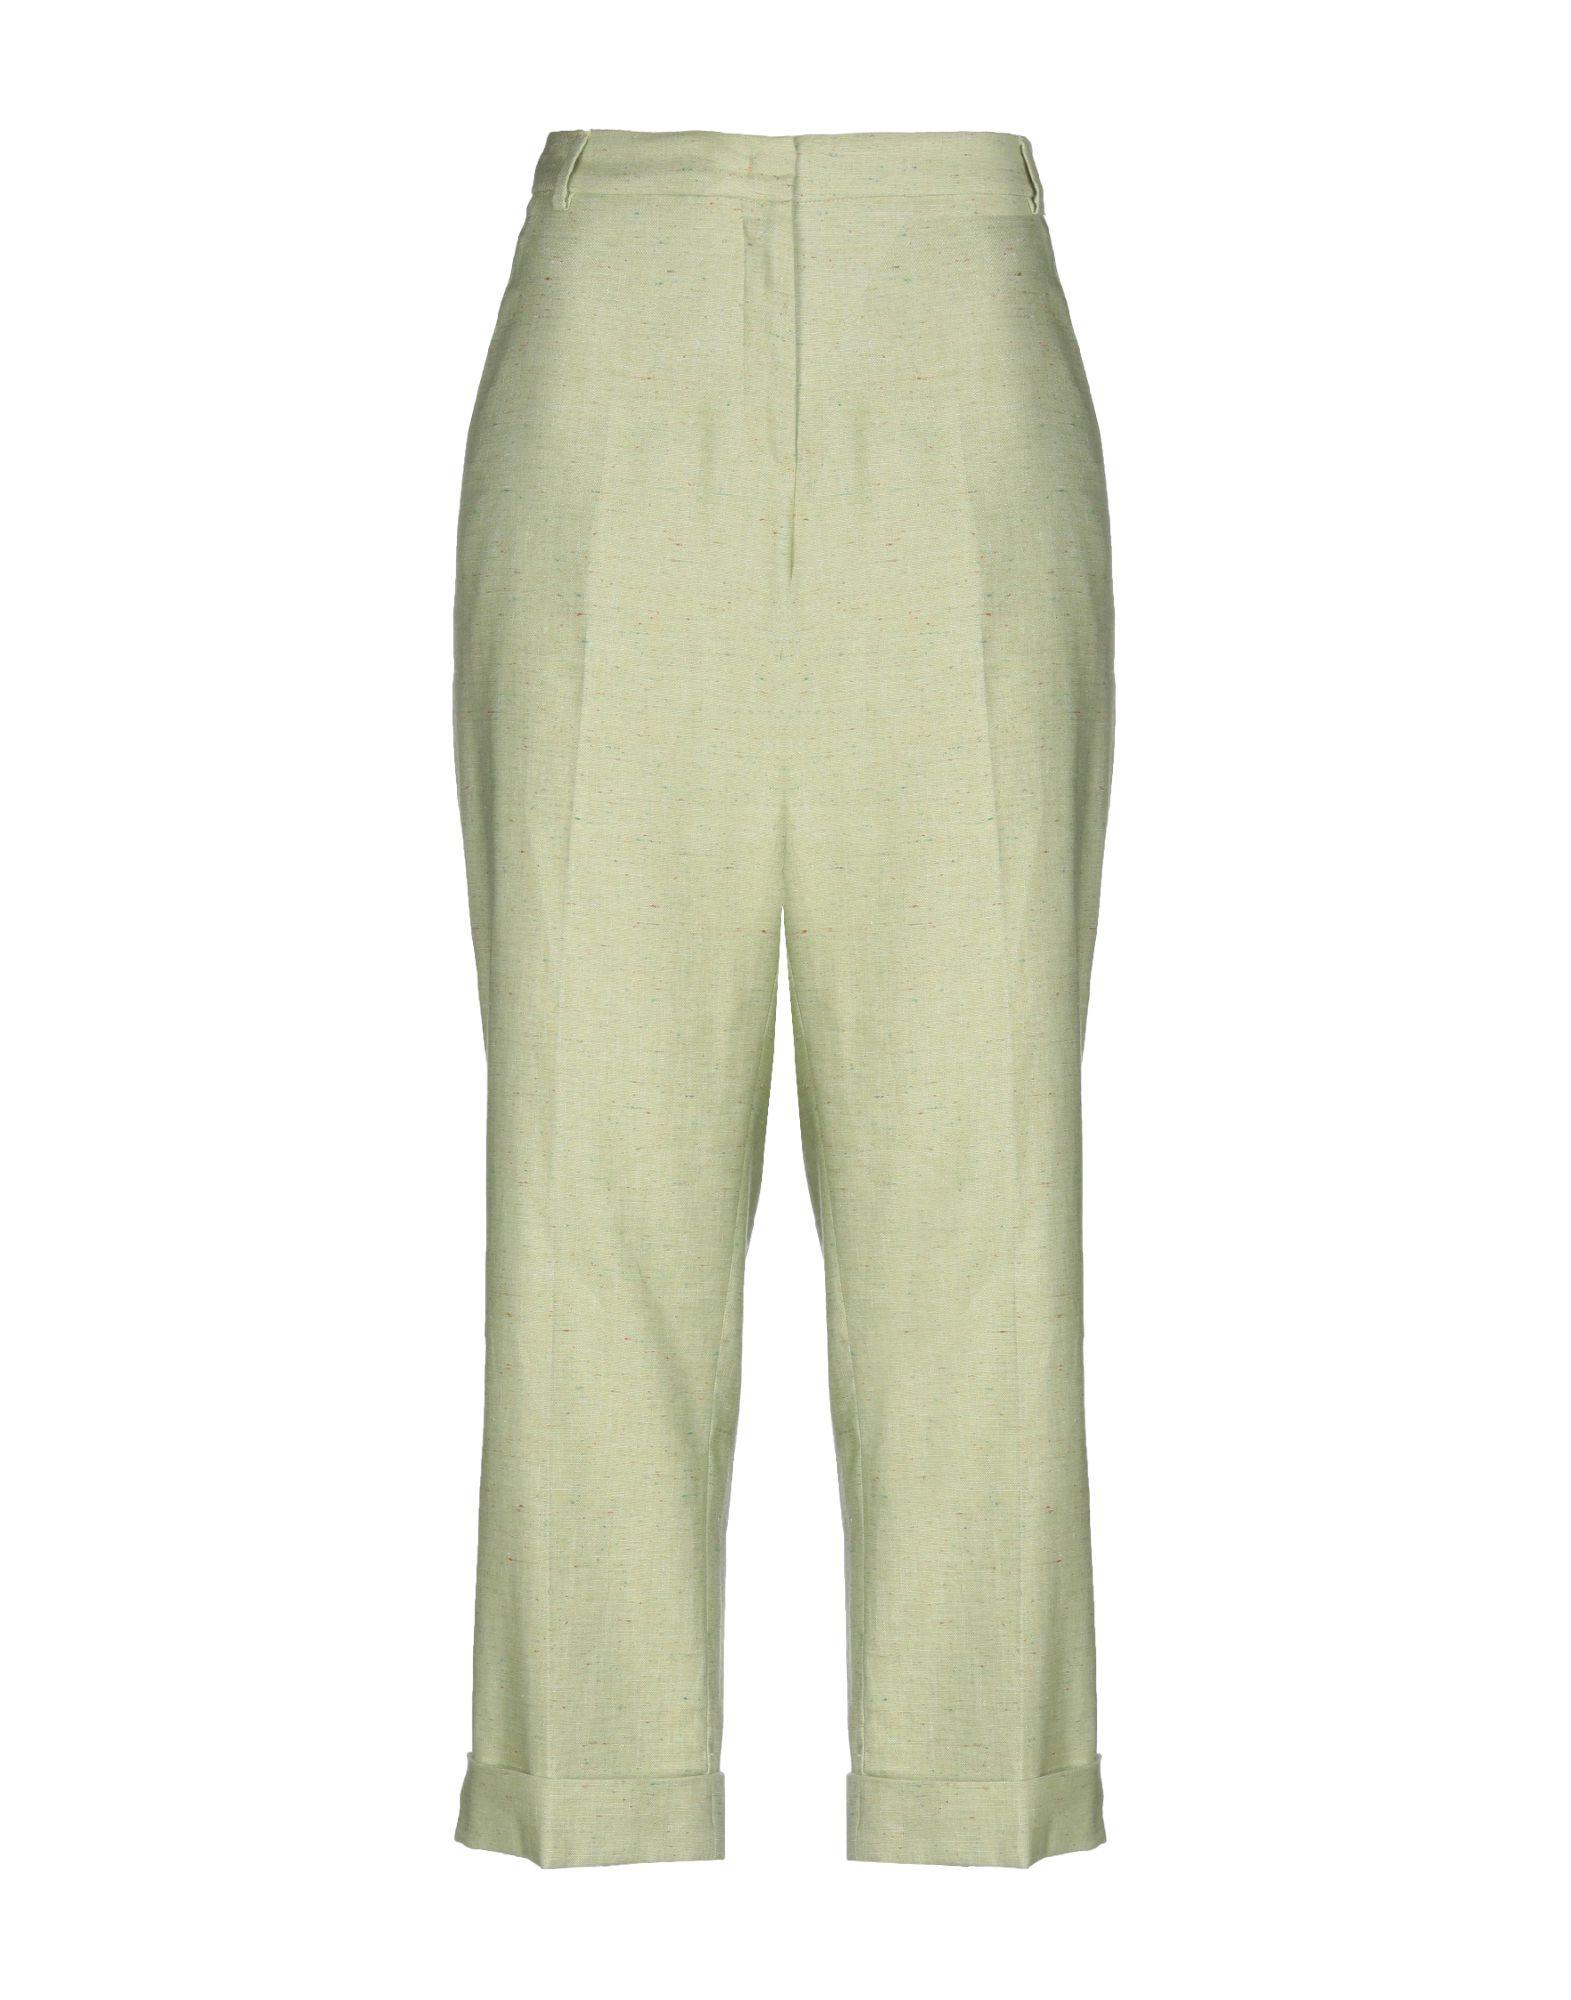 Pantalone E Kollins damen - 13239580NP